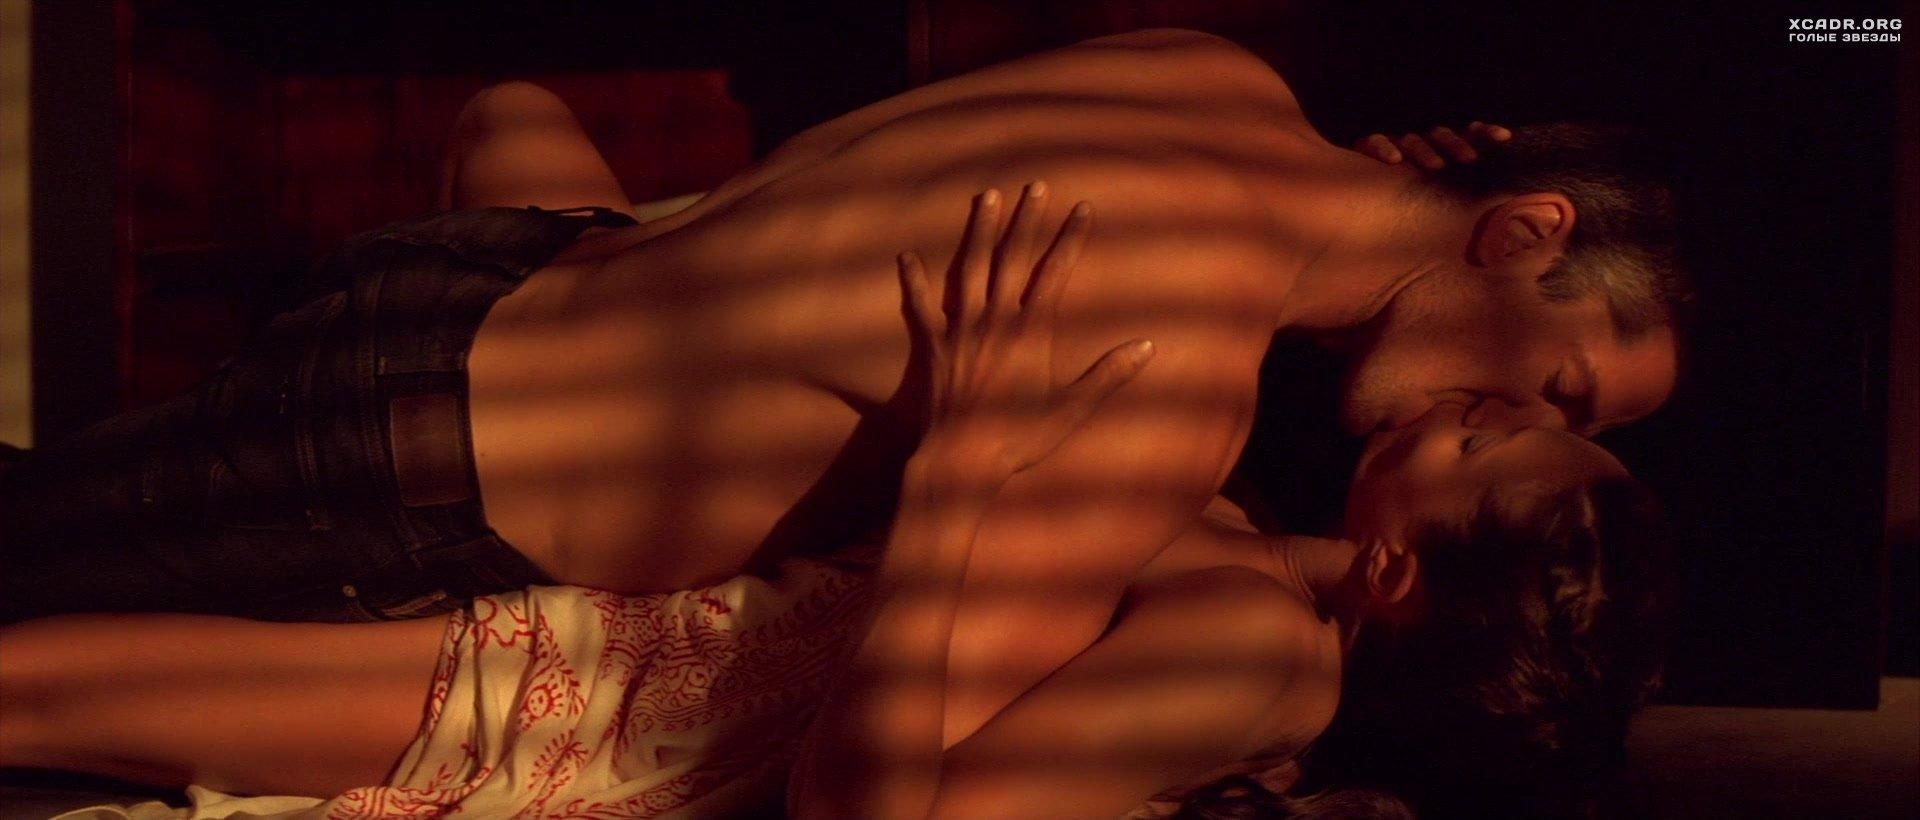 секс с анджелина джоли  VideoLike